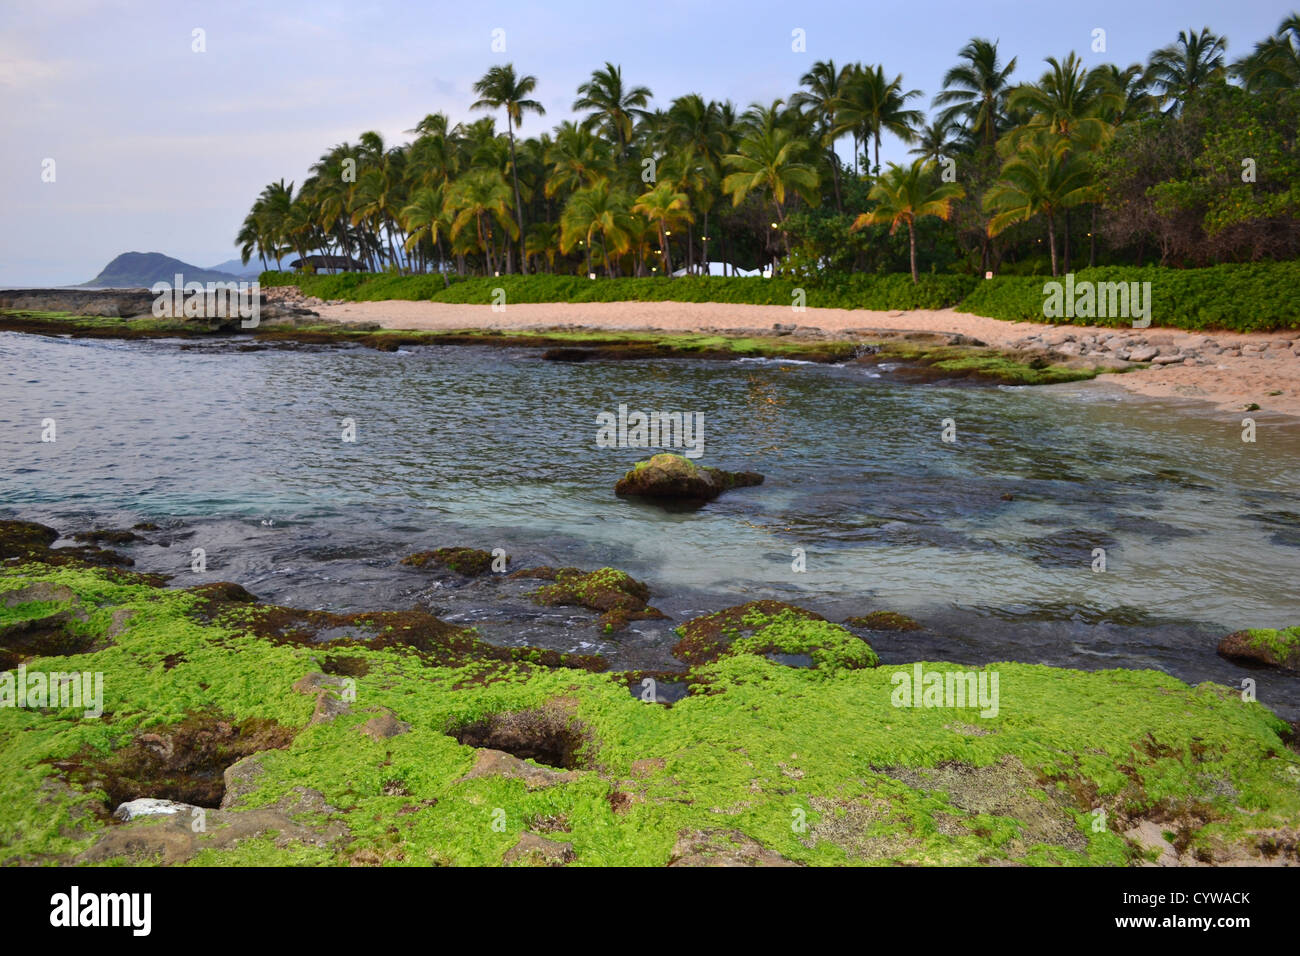 Ko'Olina Beach, West side of the island of Oahu, Hawaii, USA - Stock Image